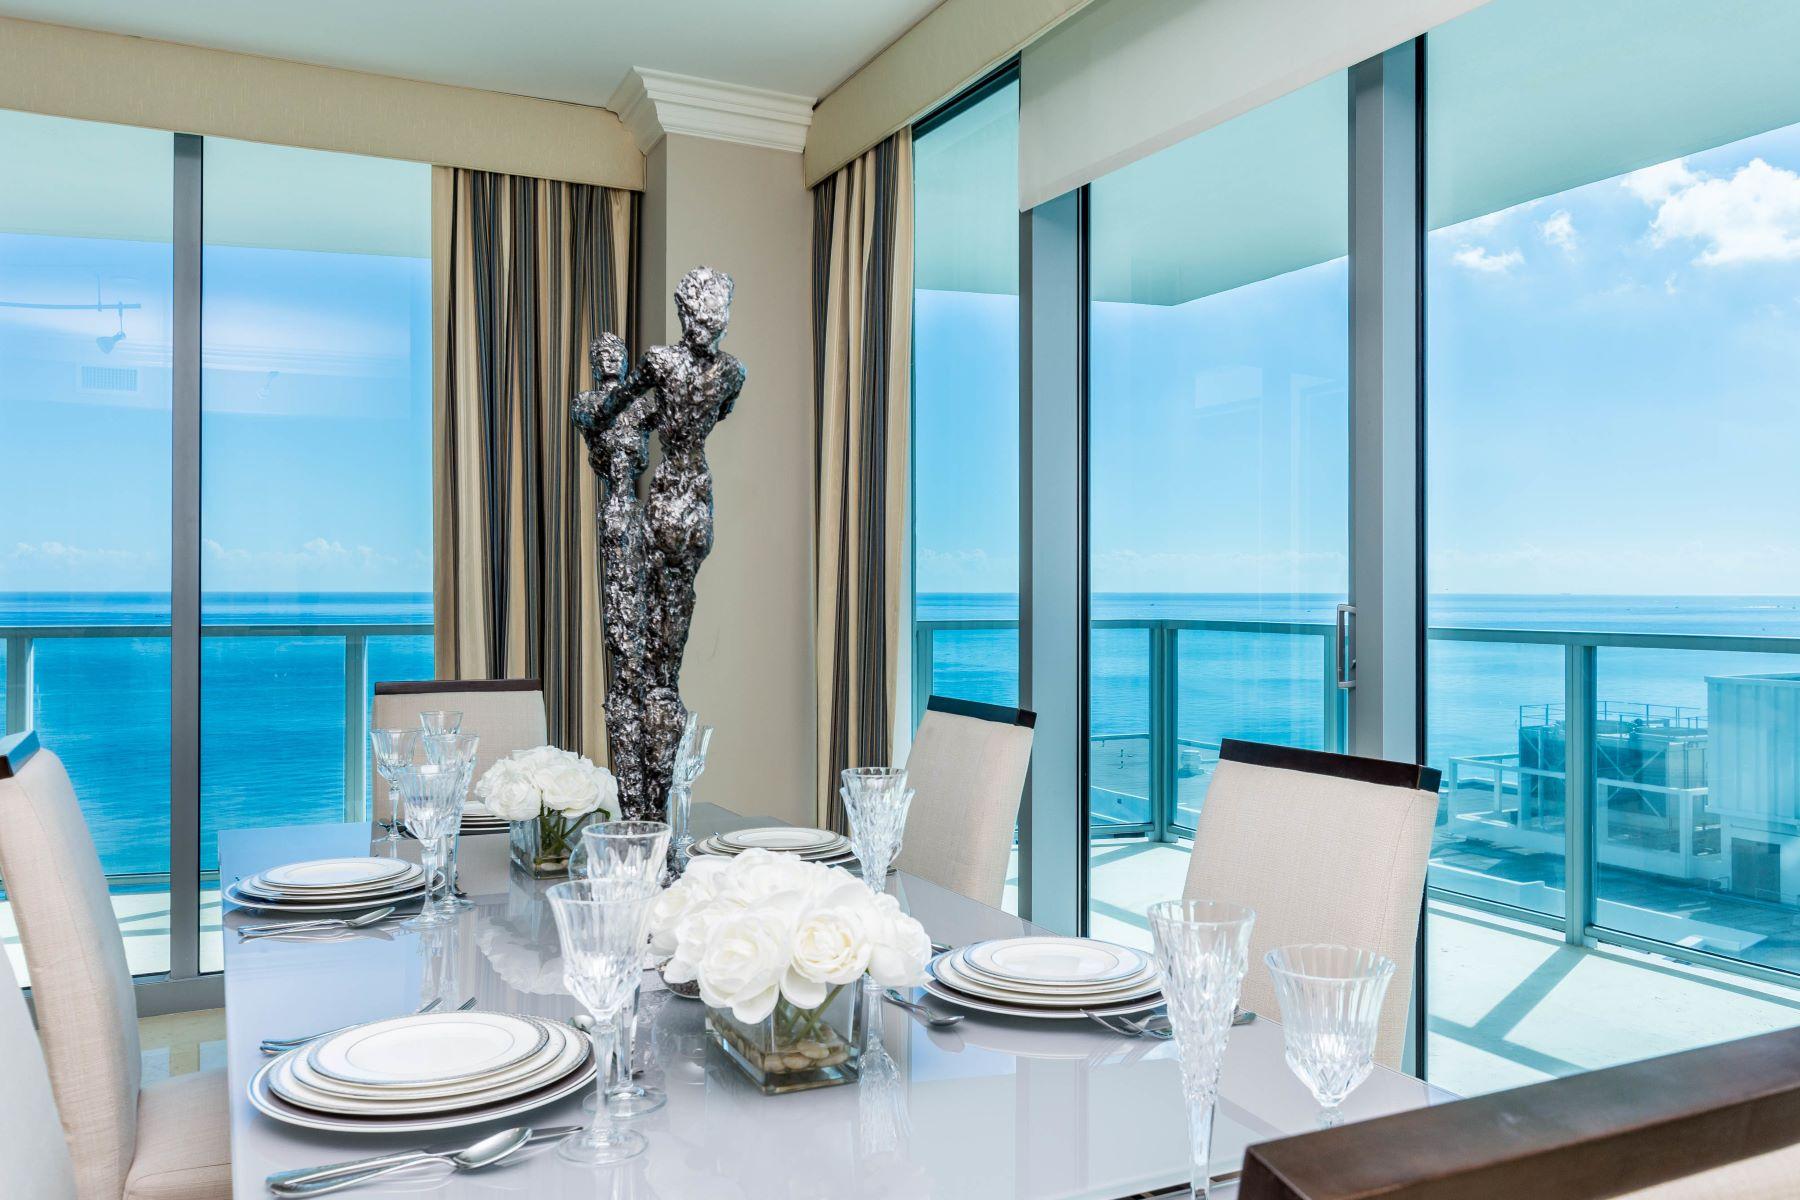 Wohnung für Verkauf beim 3101 S Ocean Dr #1902 3101 S Ocean Dr 1902 Hollywood, Florida, 33019 Vereinigte Staaten